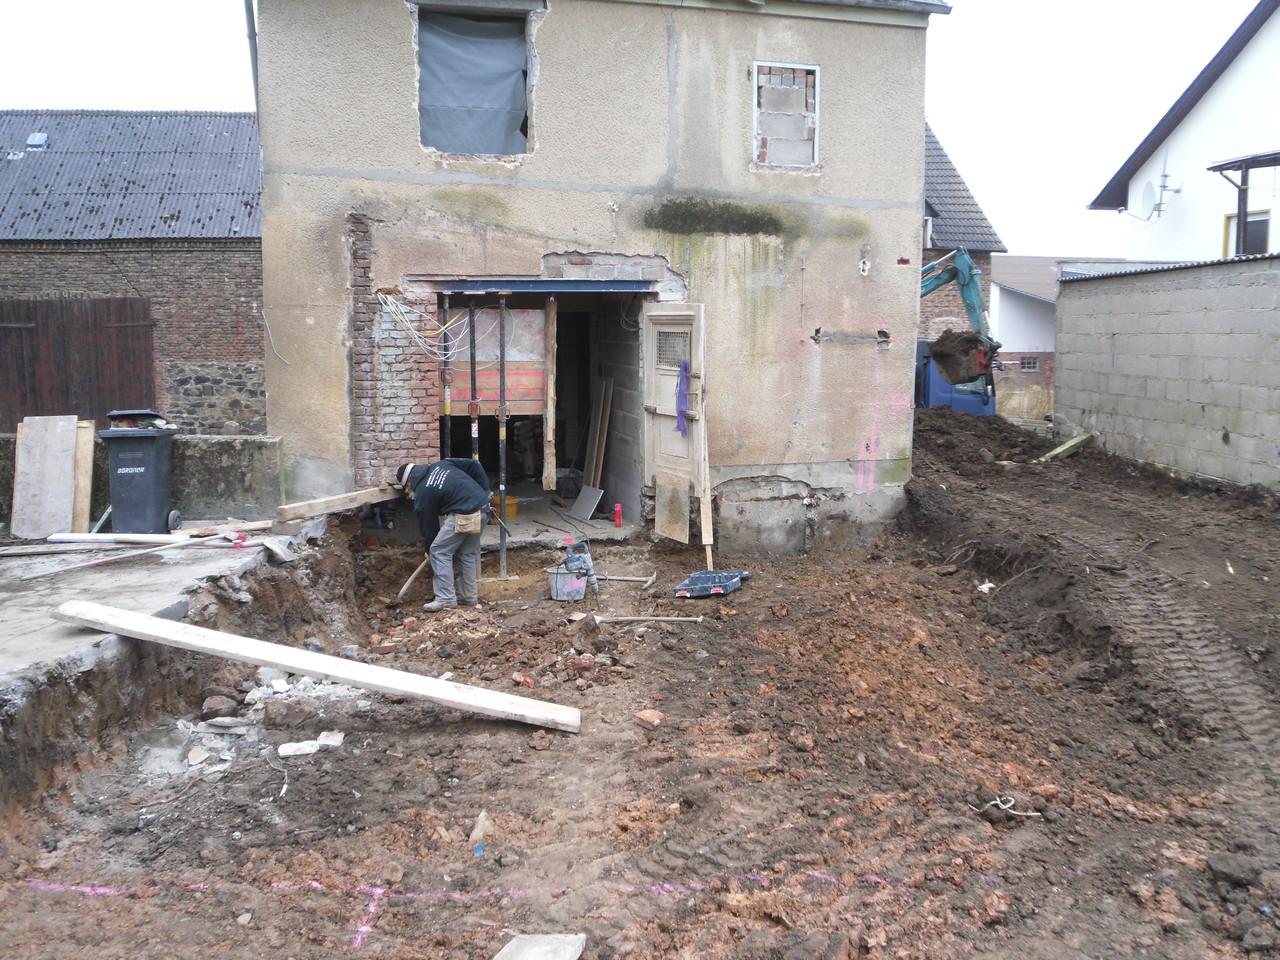 Einfamilienhaus - Ausschachtung für Anbau